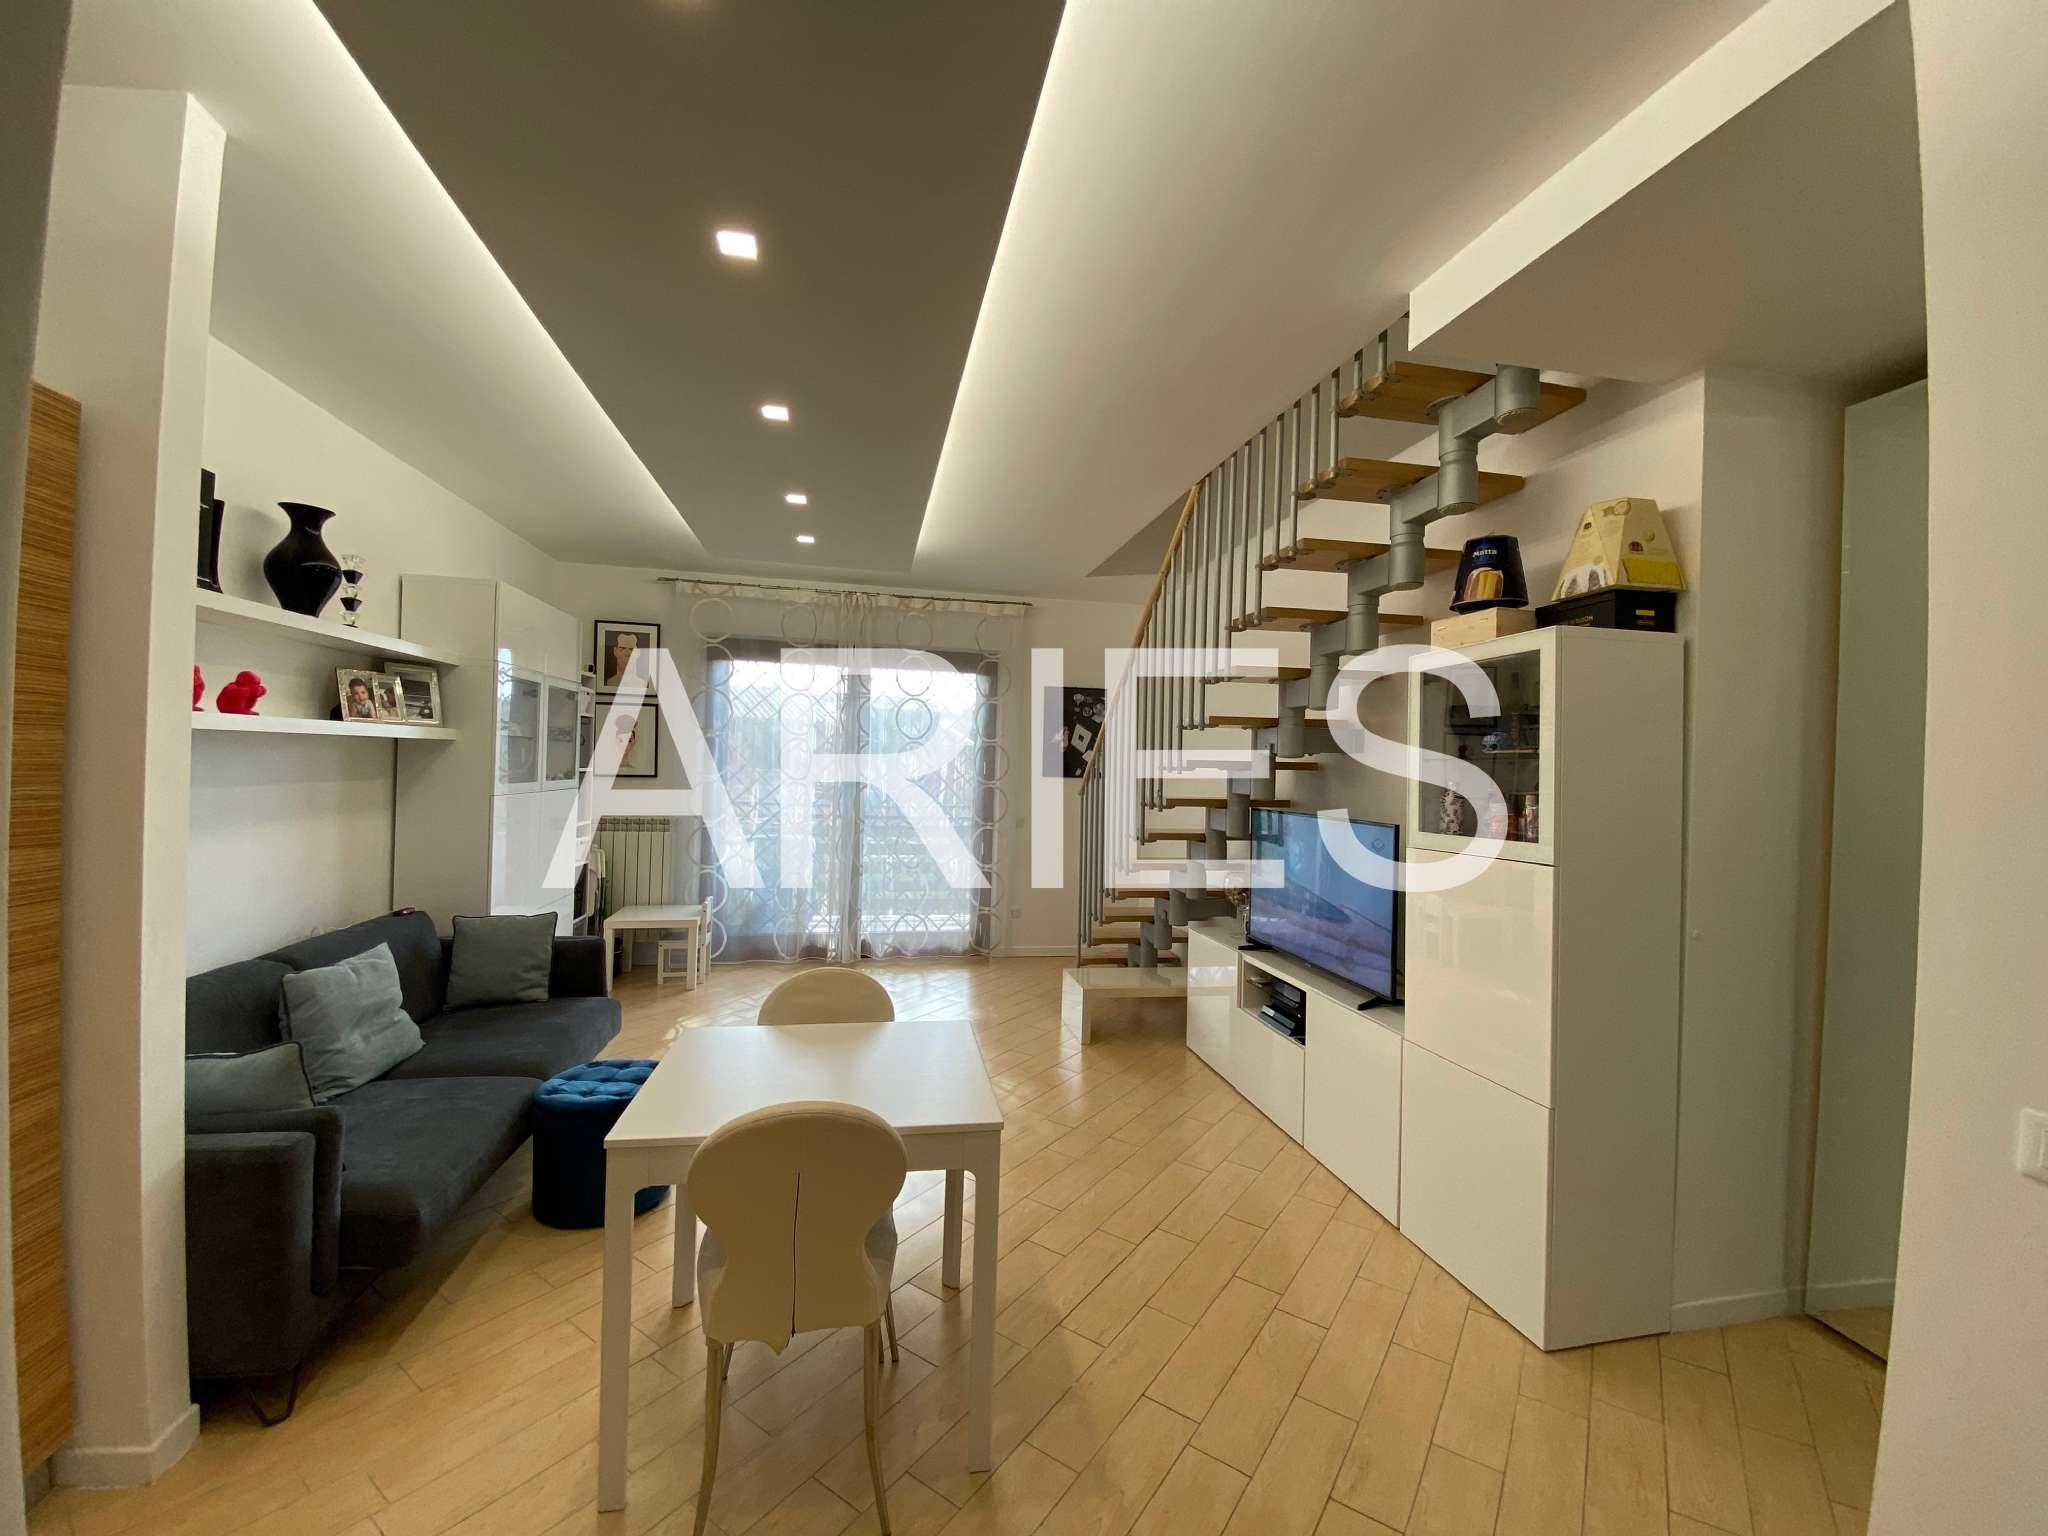 Appartamento in vendita a Roma, 2 locali, zona Zona: 40 . Piana del Sole, Casal Lumbroso, Malagrotta, Ponte Galeria, prezzo € 199.000 | CambioCasa.it